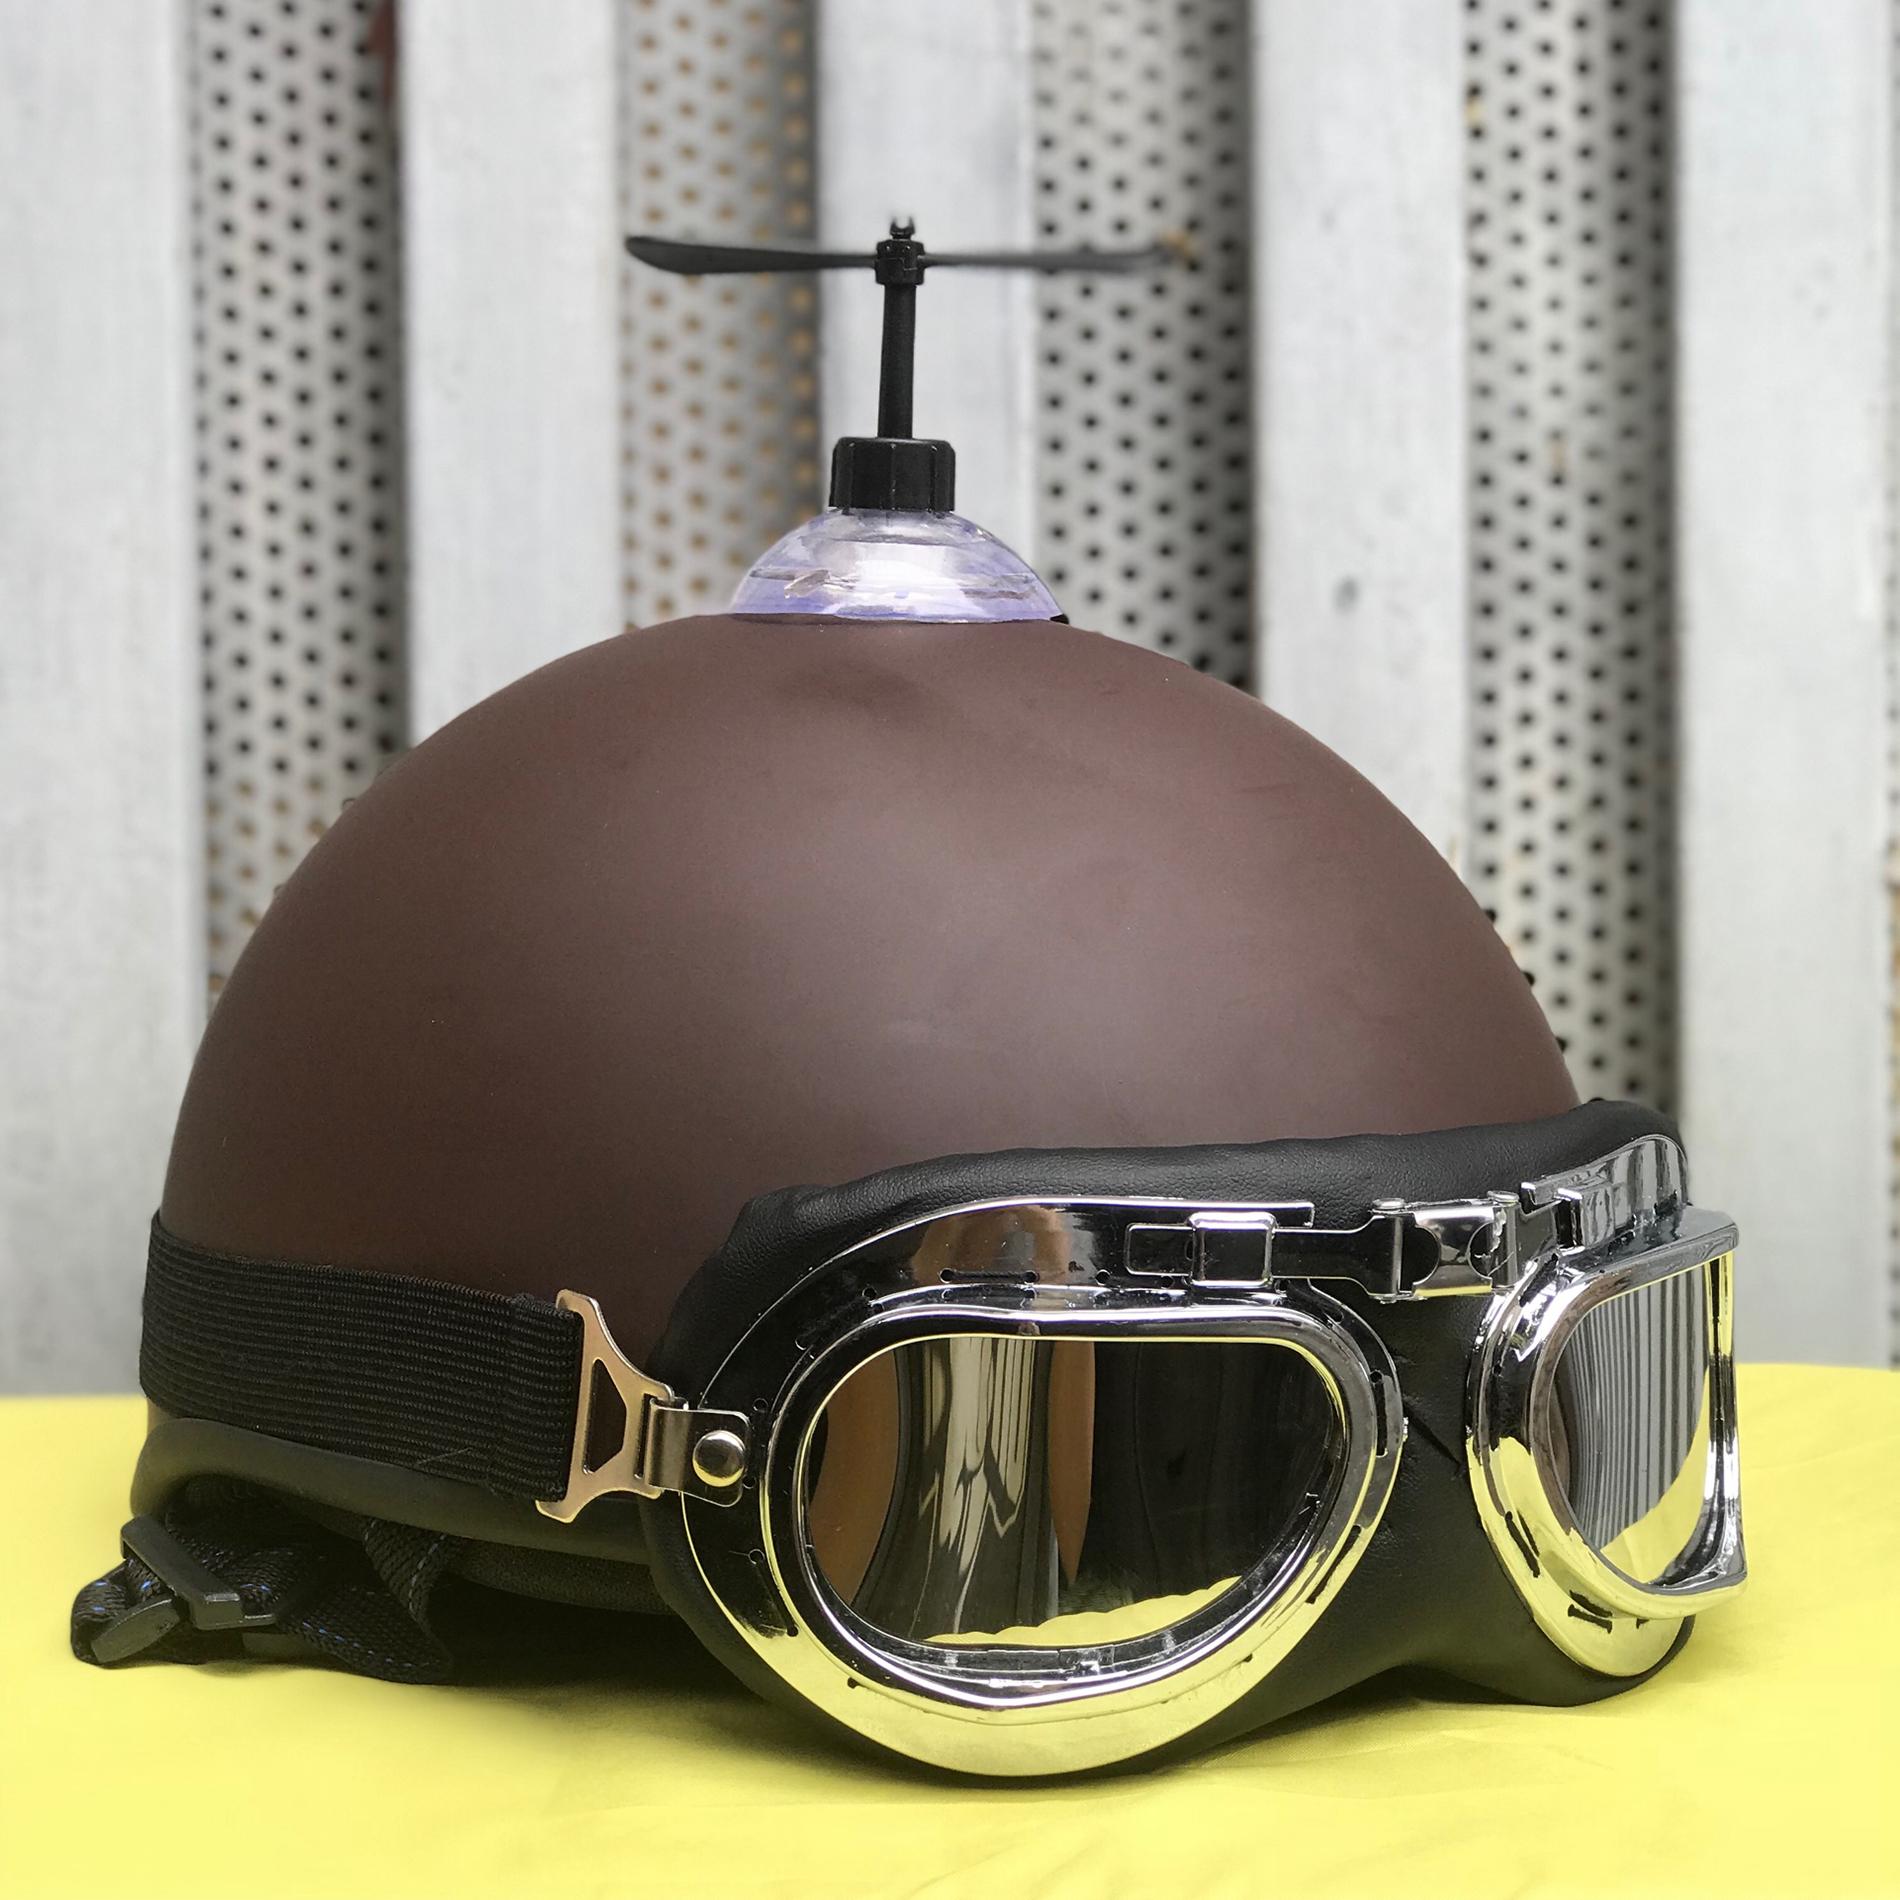 Combo Mũ Bảo Hiểm 1/2 Nửa Đầu Gấu Nâu + Chong chóng + Kính phi công chống bụi, chống nắng